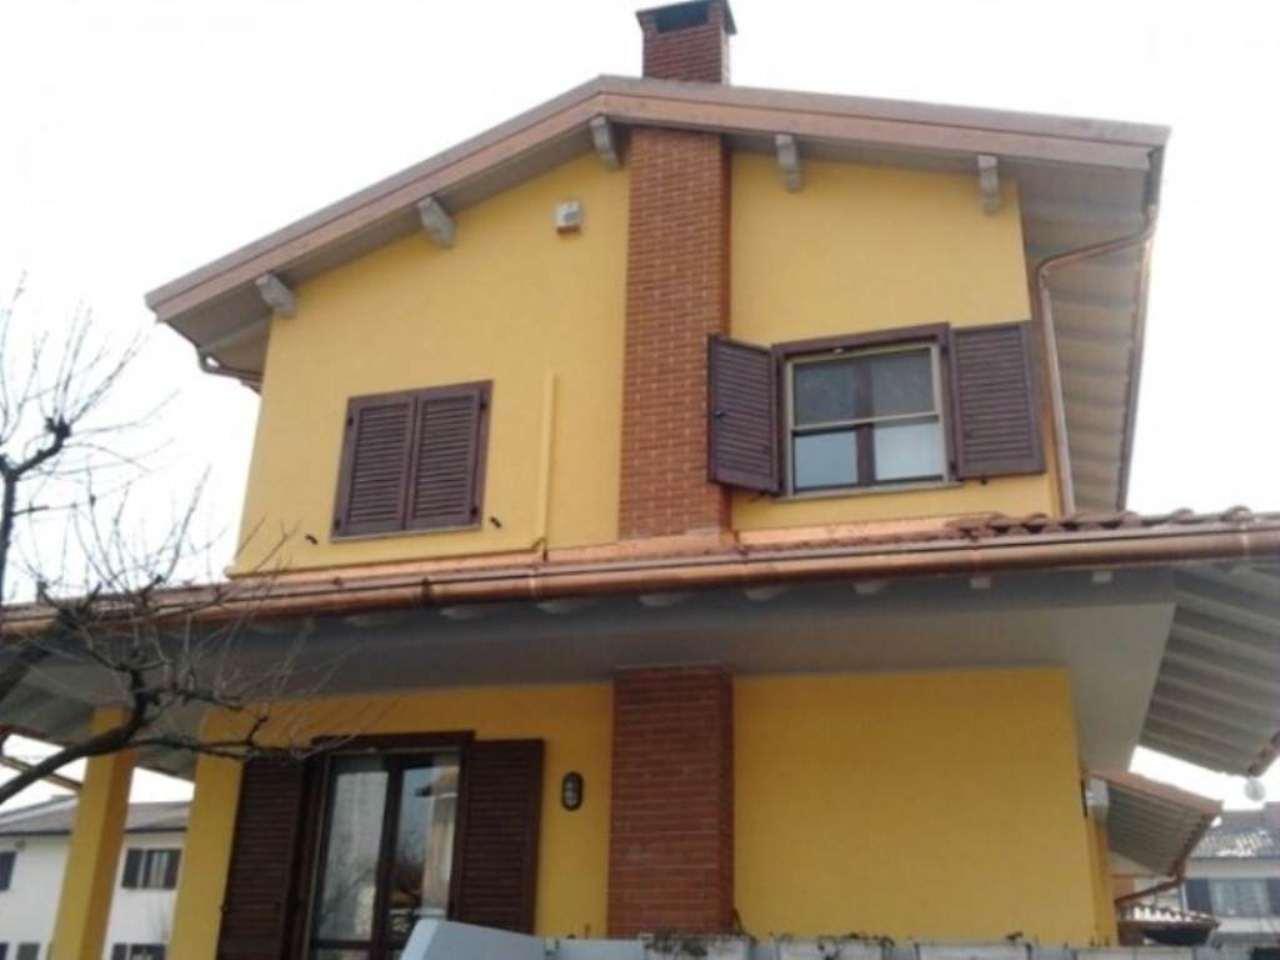 Villa in vendita a San Giuliano Milanese, 6 locali, prezzo € 600.000 | CambioCasa.it